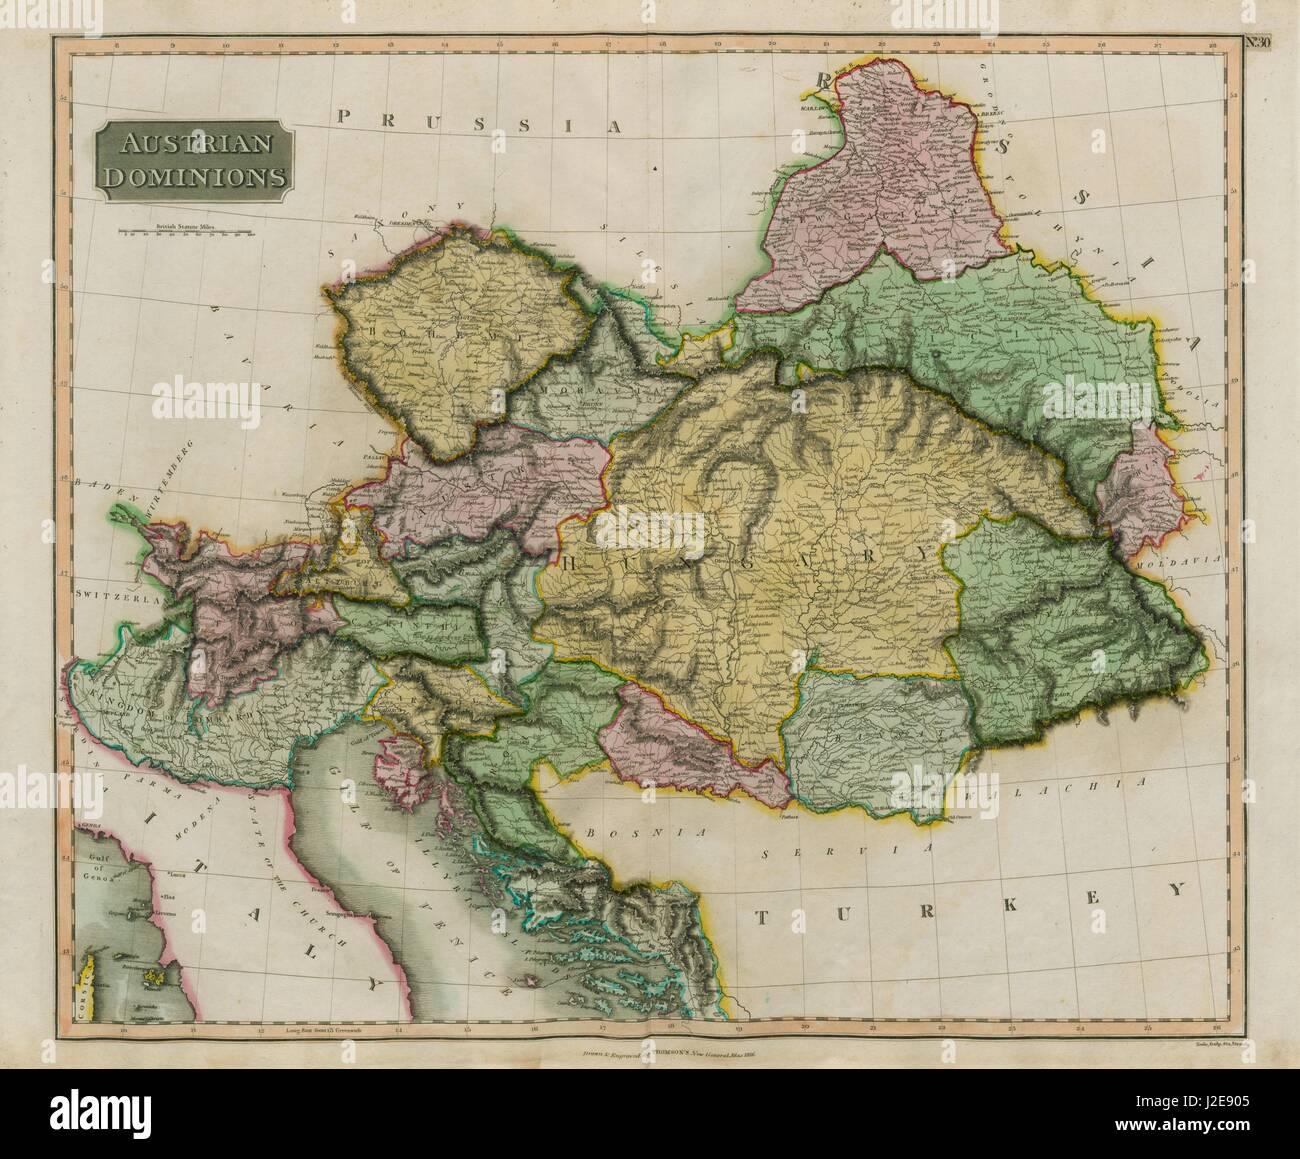 Galizien Karte.österreichischen Herrschaften Kaisertum österreich West Galizien